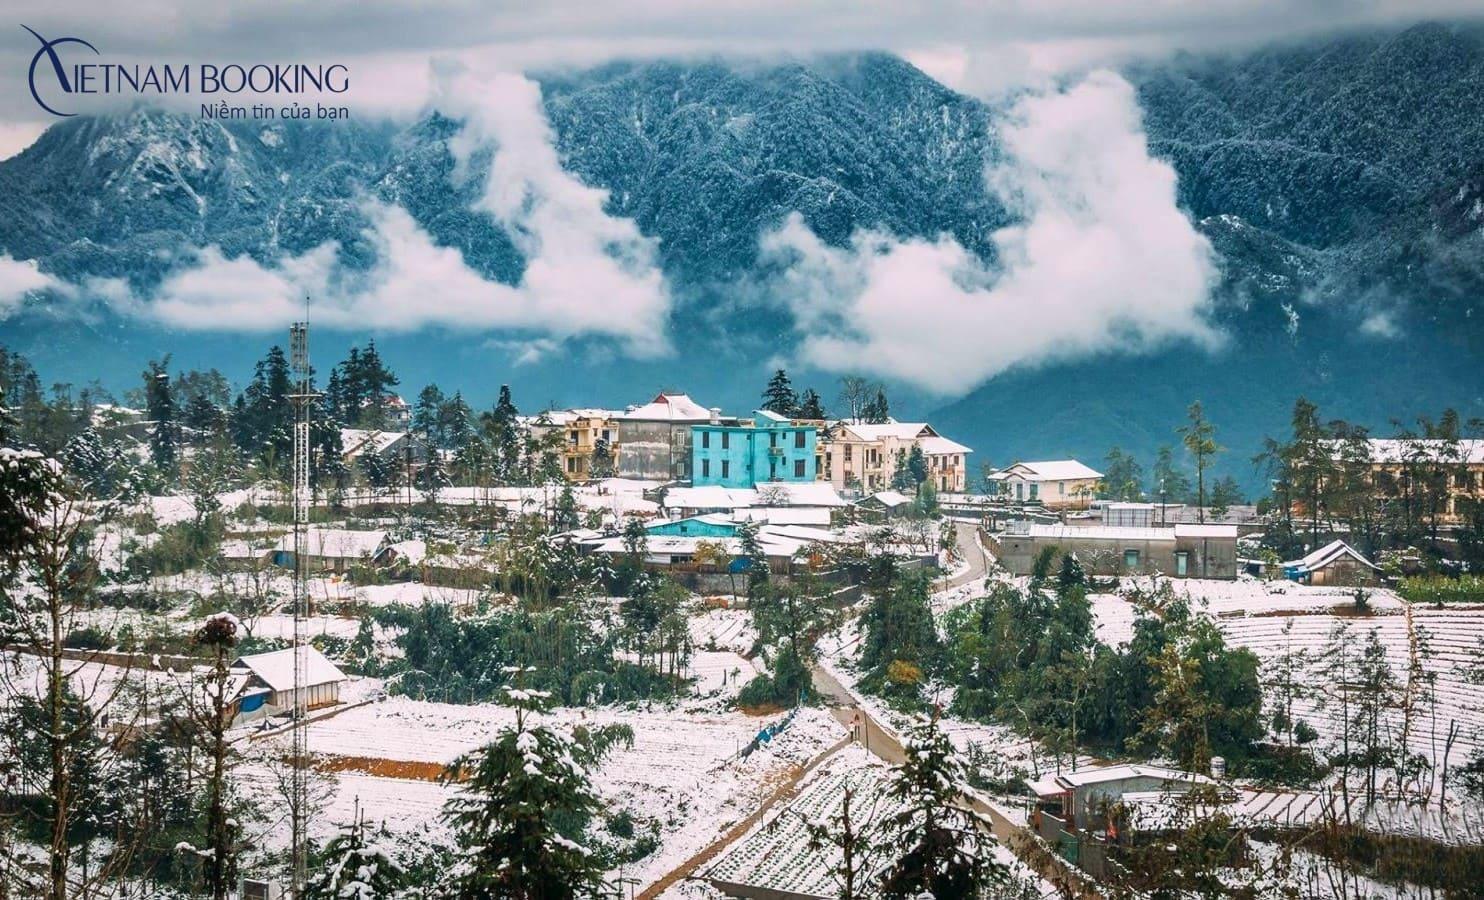 Vẻ đẹp huyền bí của thị trấn Sapa dưới lớp tuyết trắng tinh khôi. Ảnh: Internet